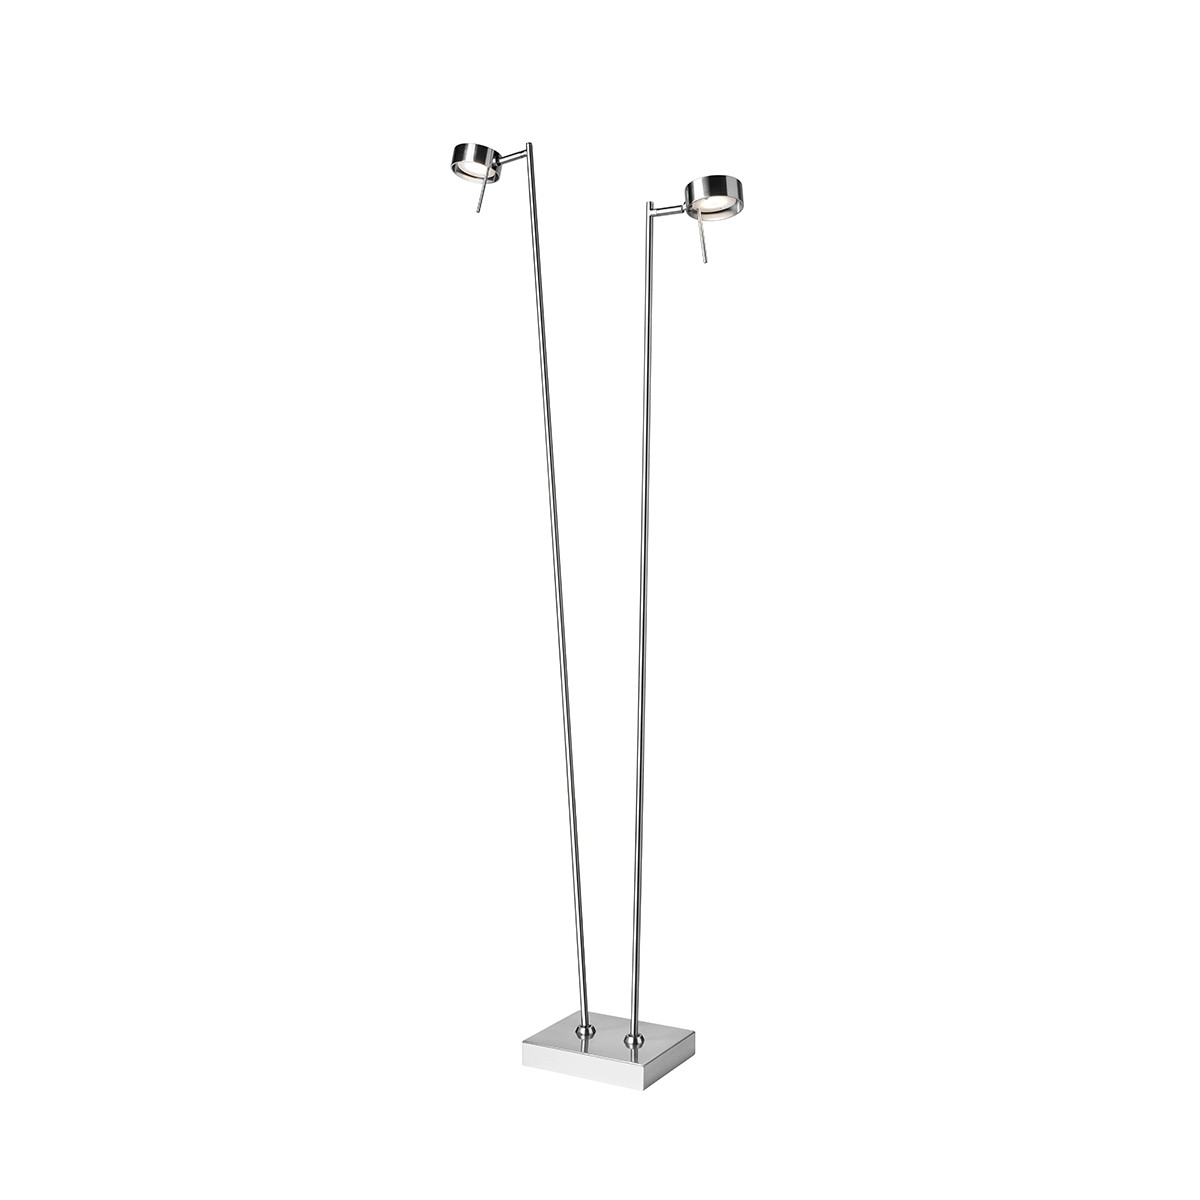 Sompex Bling LED Stehleuchte, 2-flg., Chrom matt